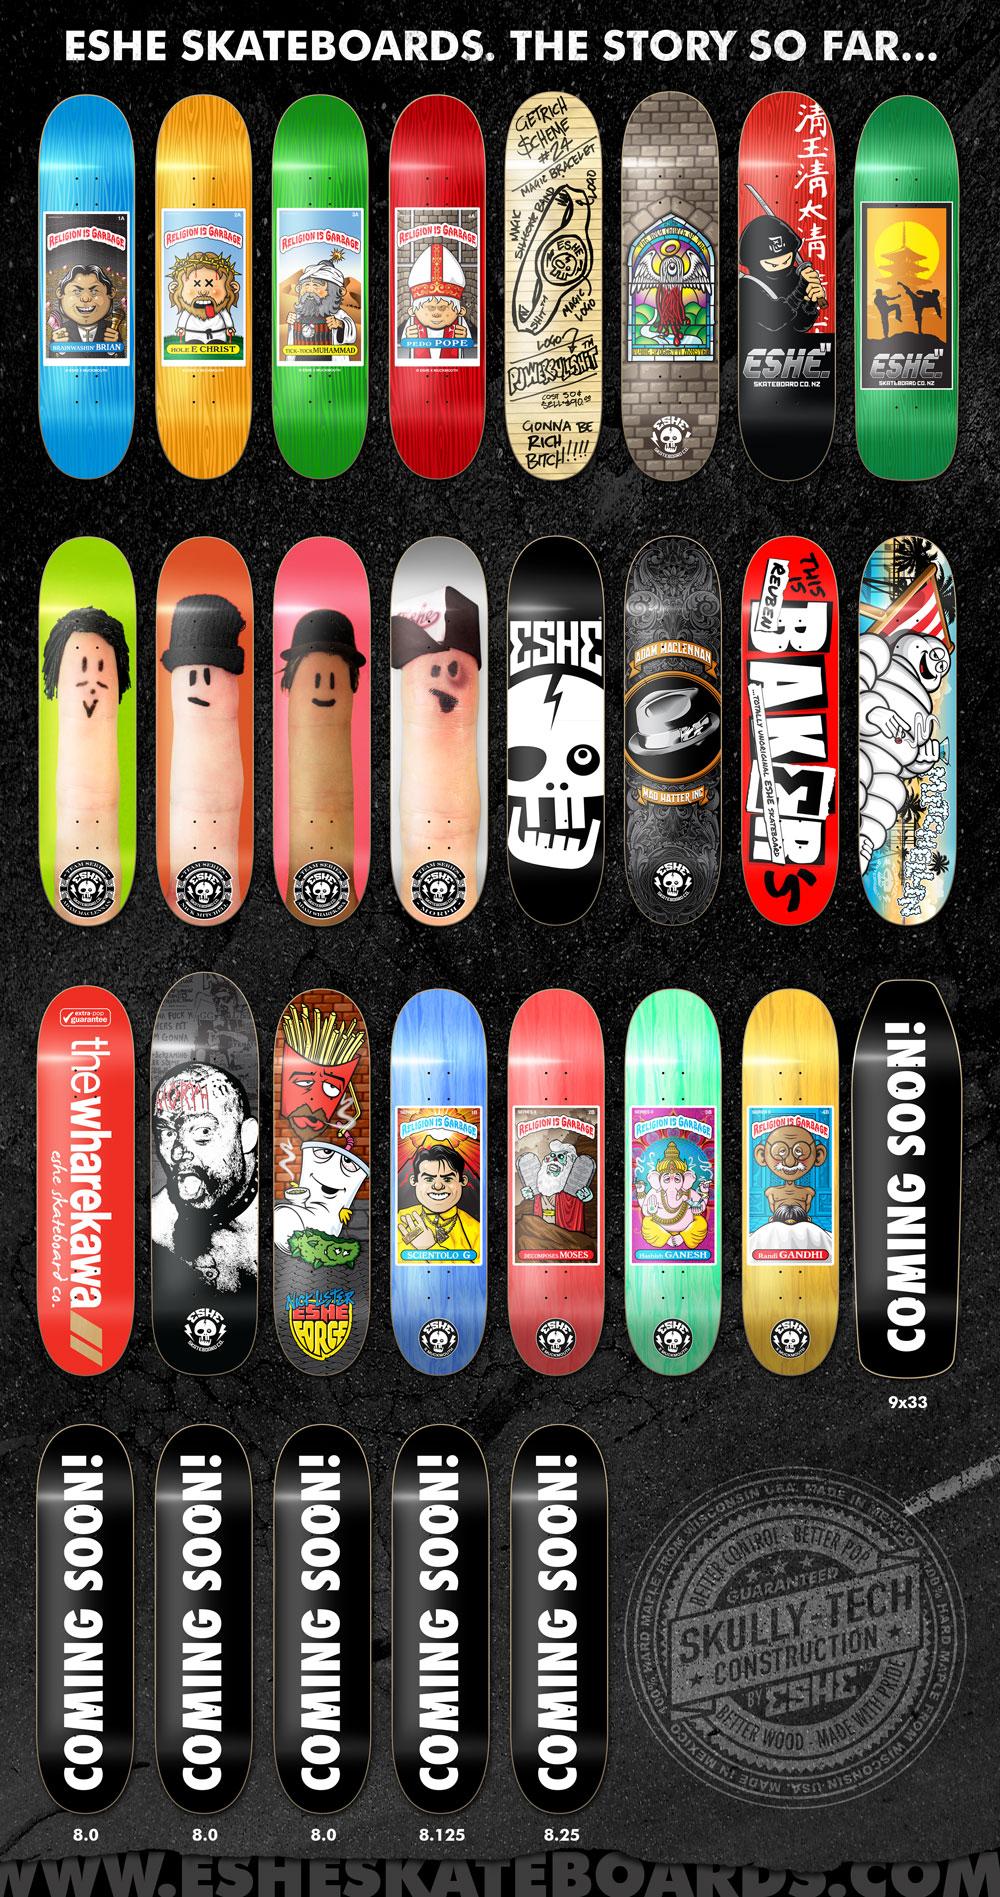 Skateboard Decks designed for  Eshe Skateboards